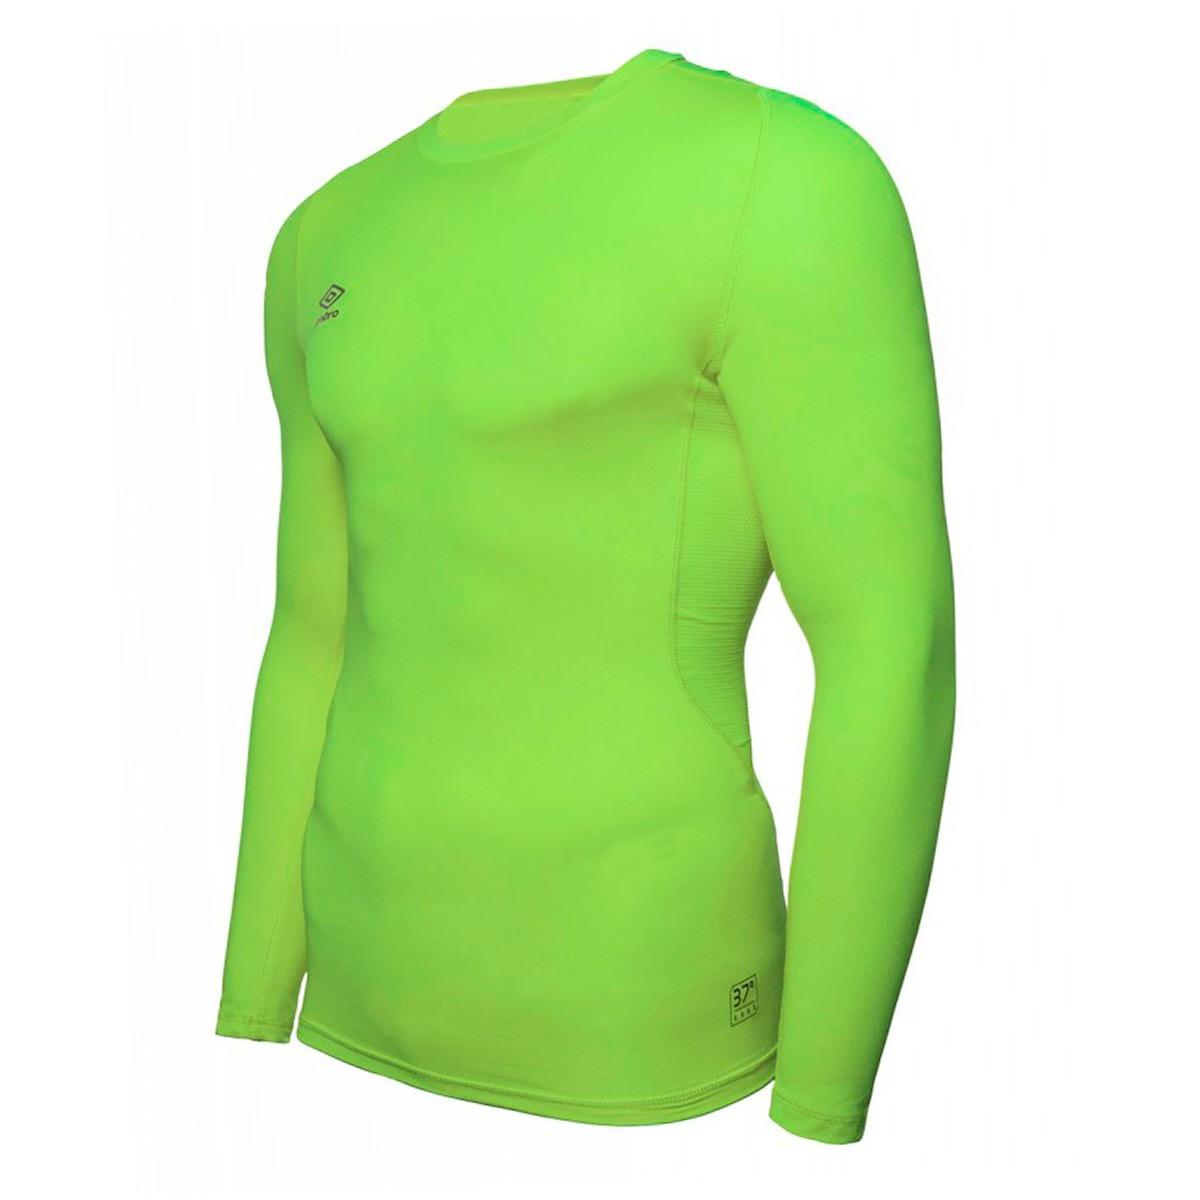 60f6ed6bd9 Camiseta Umbro térmica Core Crew m l Verde - Soloporteros es ahora Fútbol  Emotion